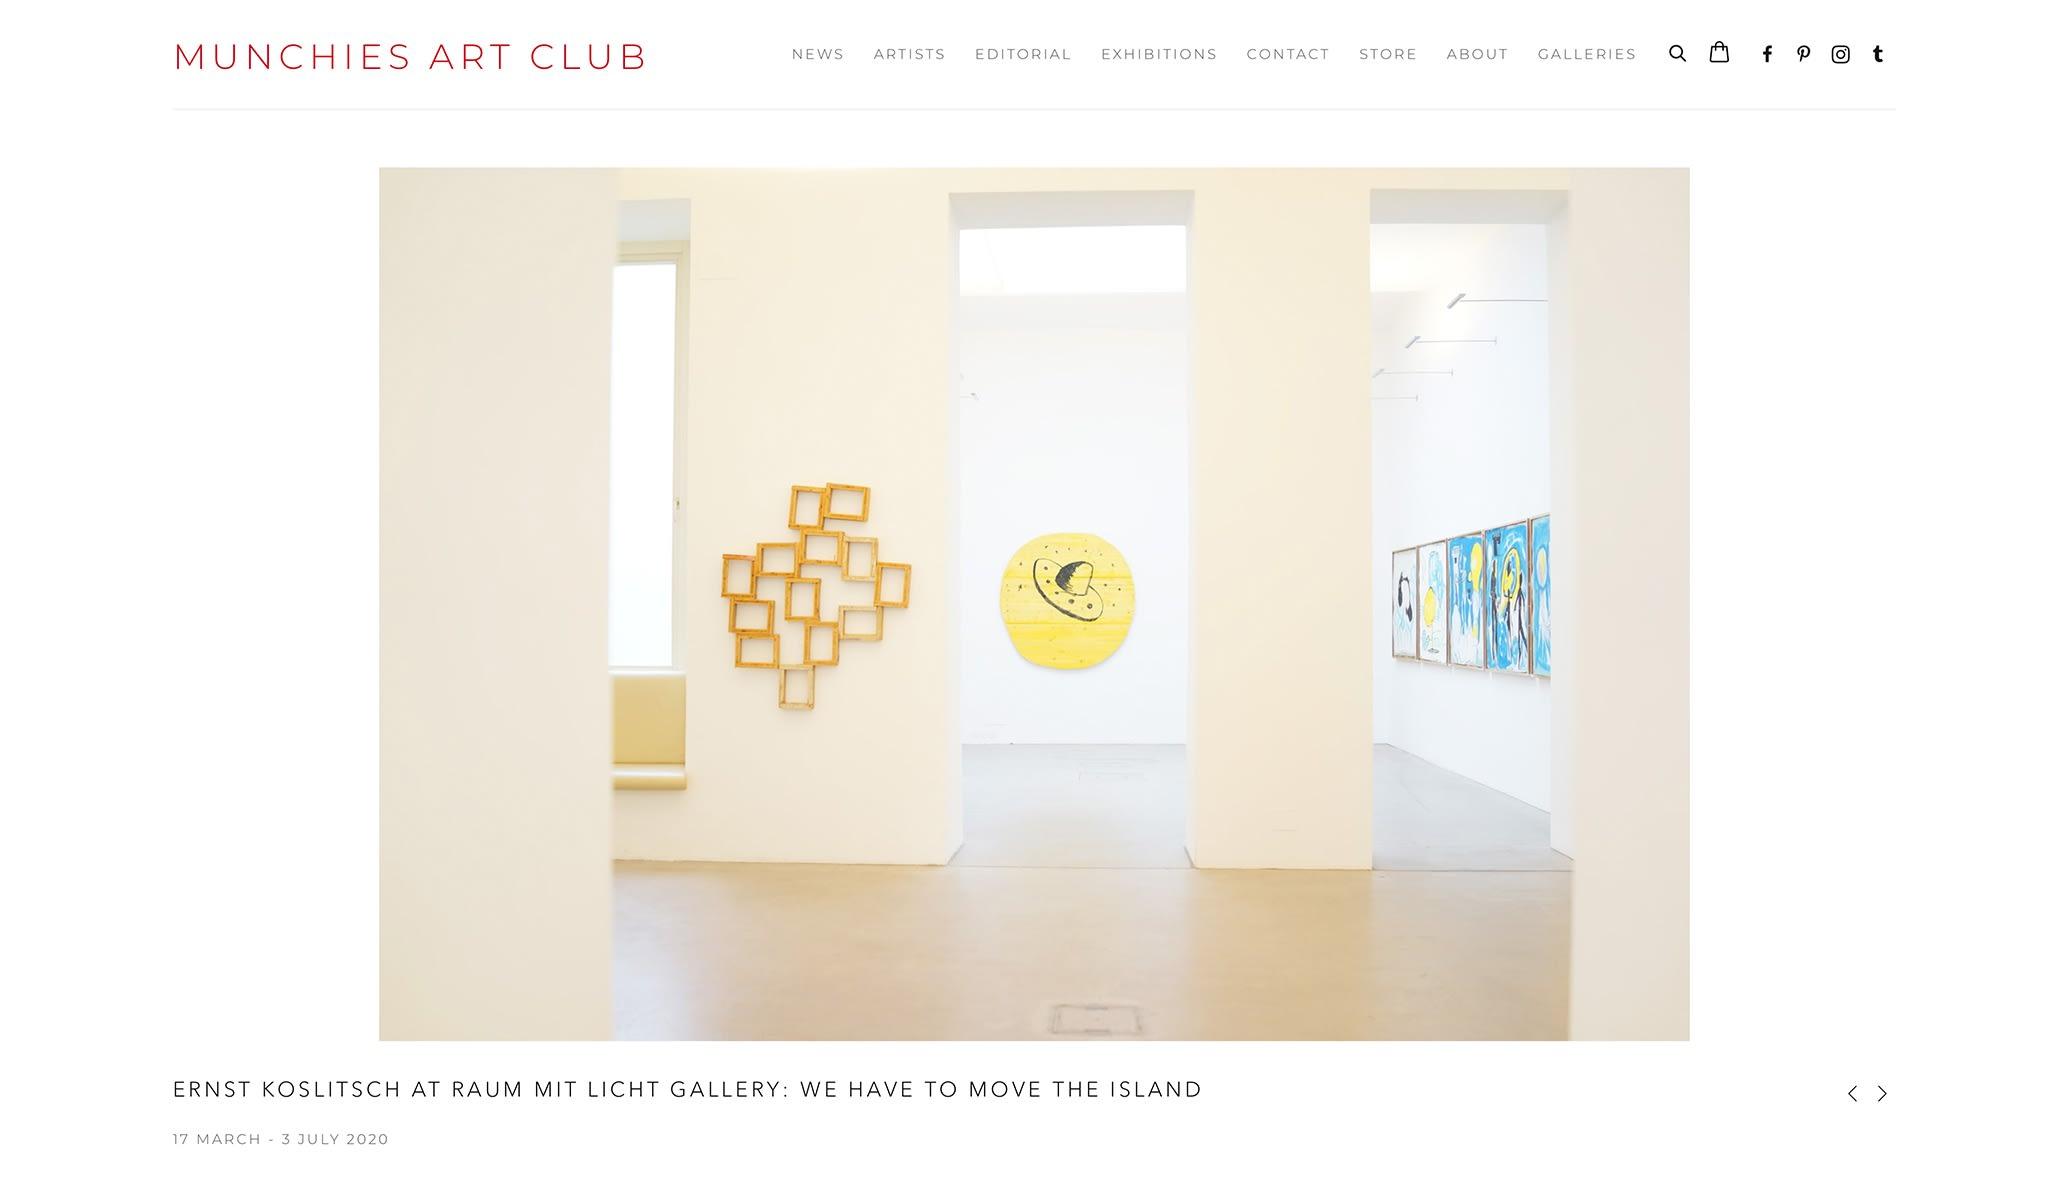 munchies art club, gallery raum mit licht, vienna